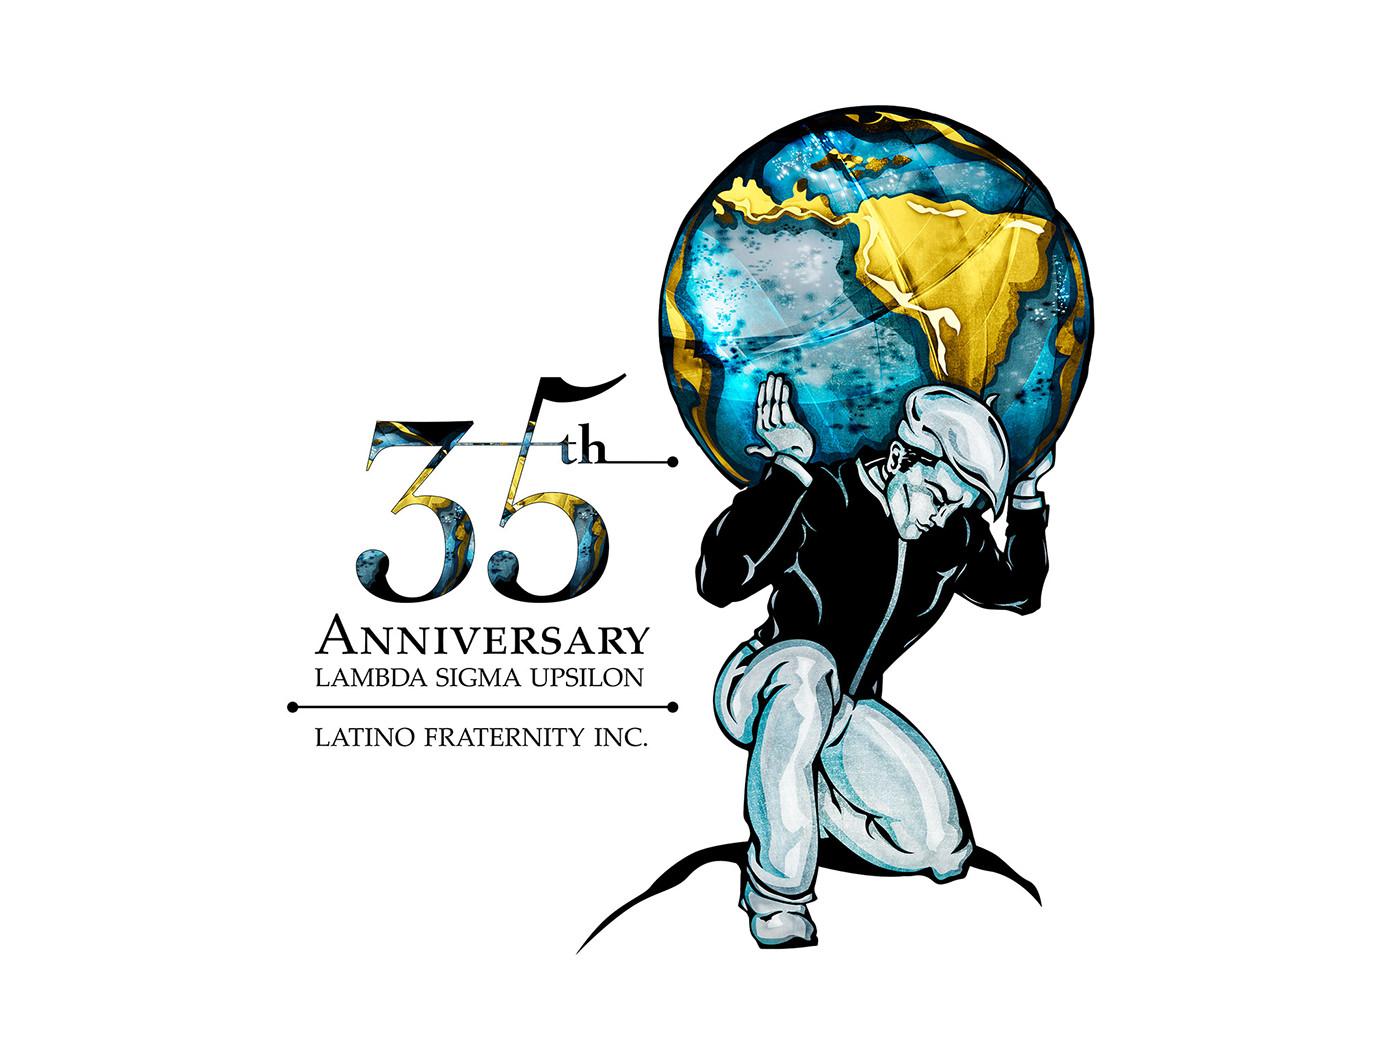 LSU Lambda Sigma Upsilon latino Fraternity logo emblem 35th anniversary brand